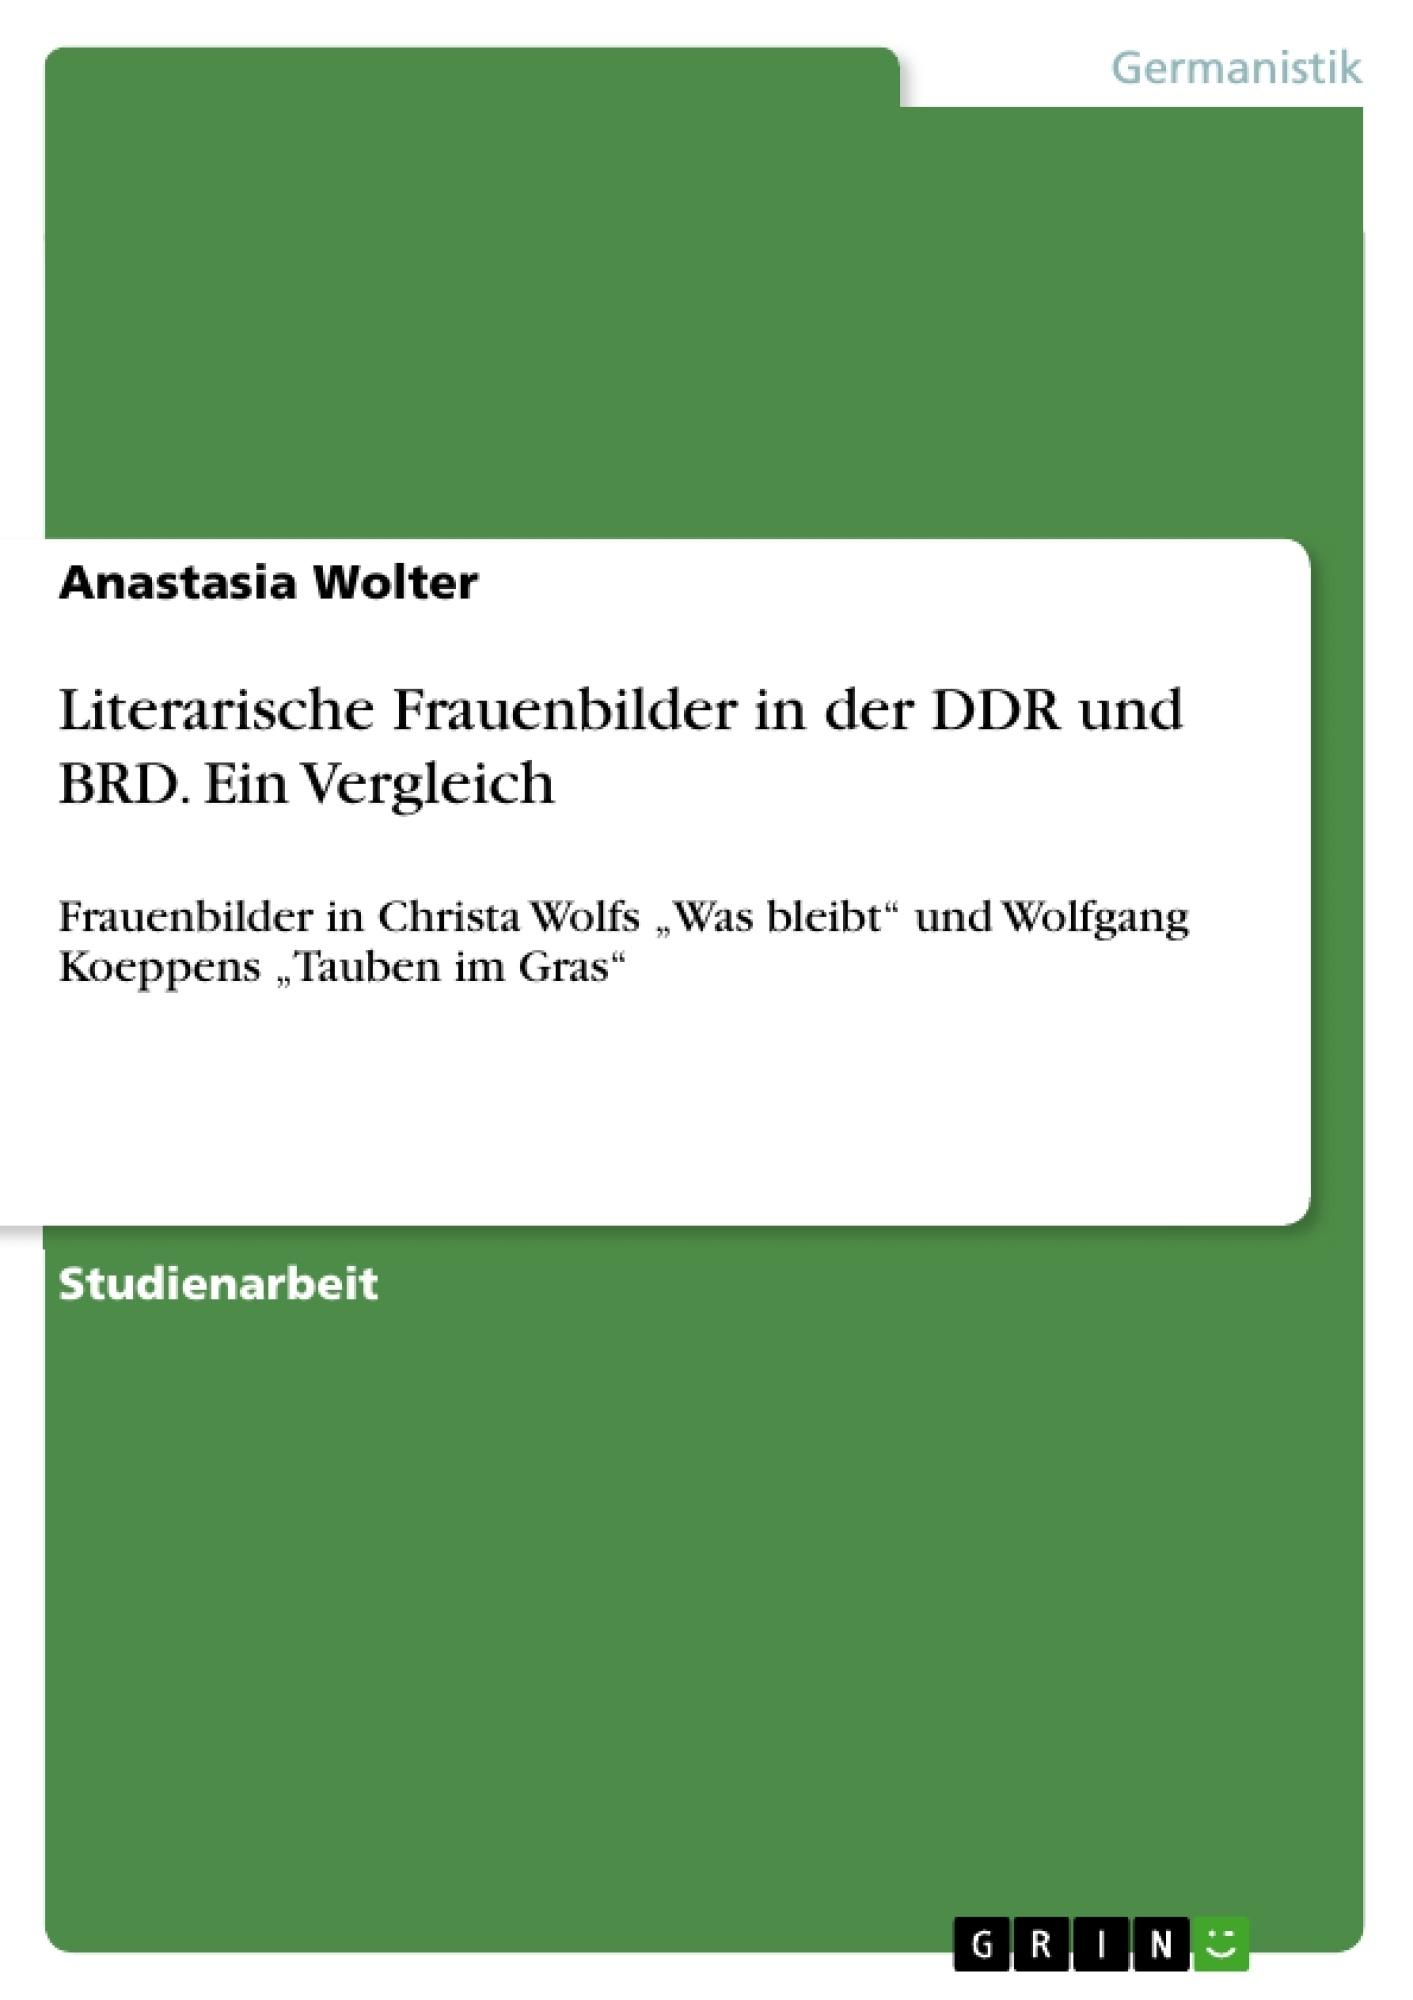 Titel: Literarische Frauenbilder in der DDR und BRD. Ein Vergleich